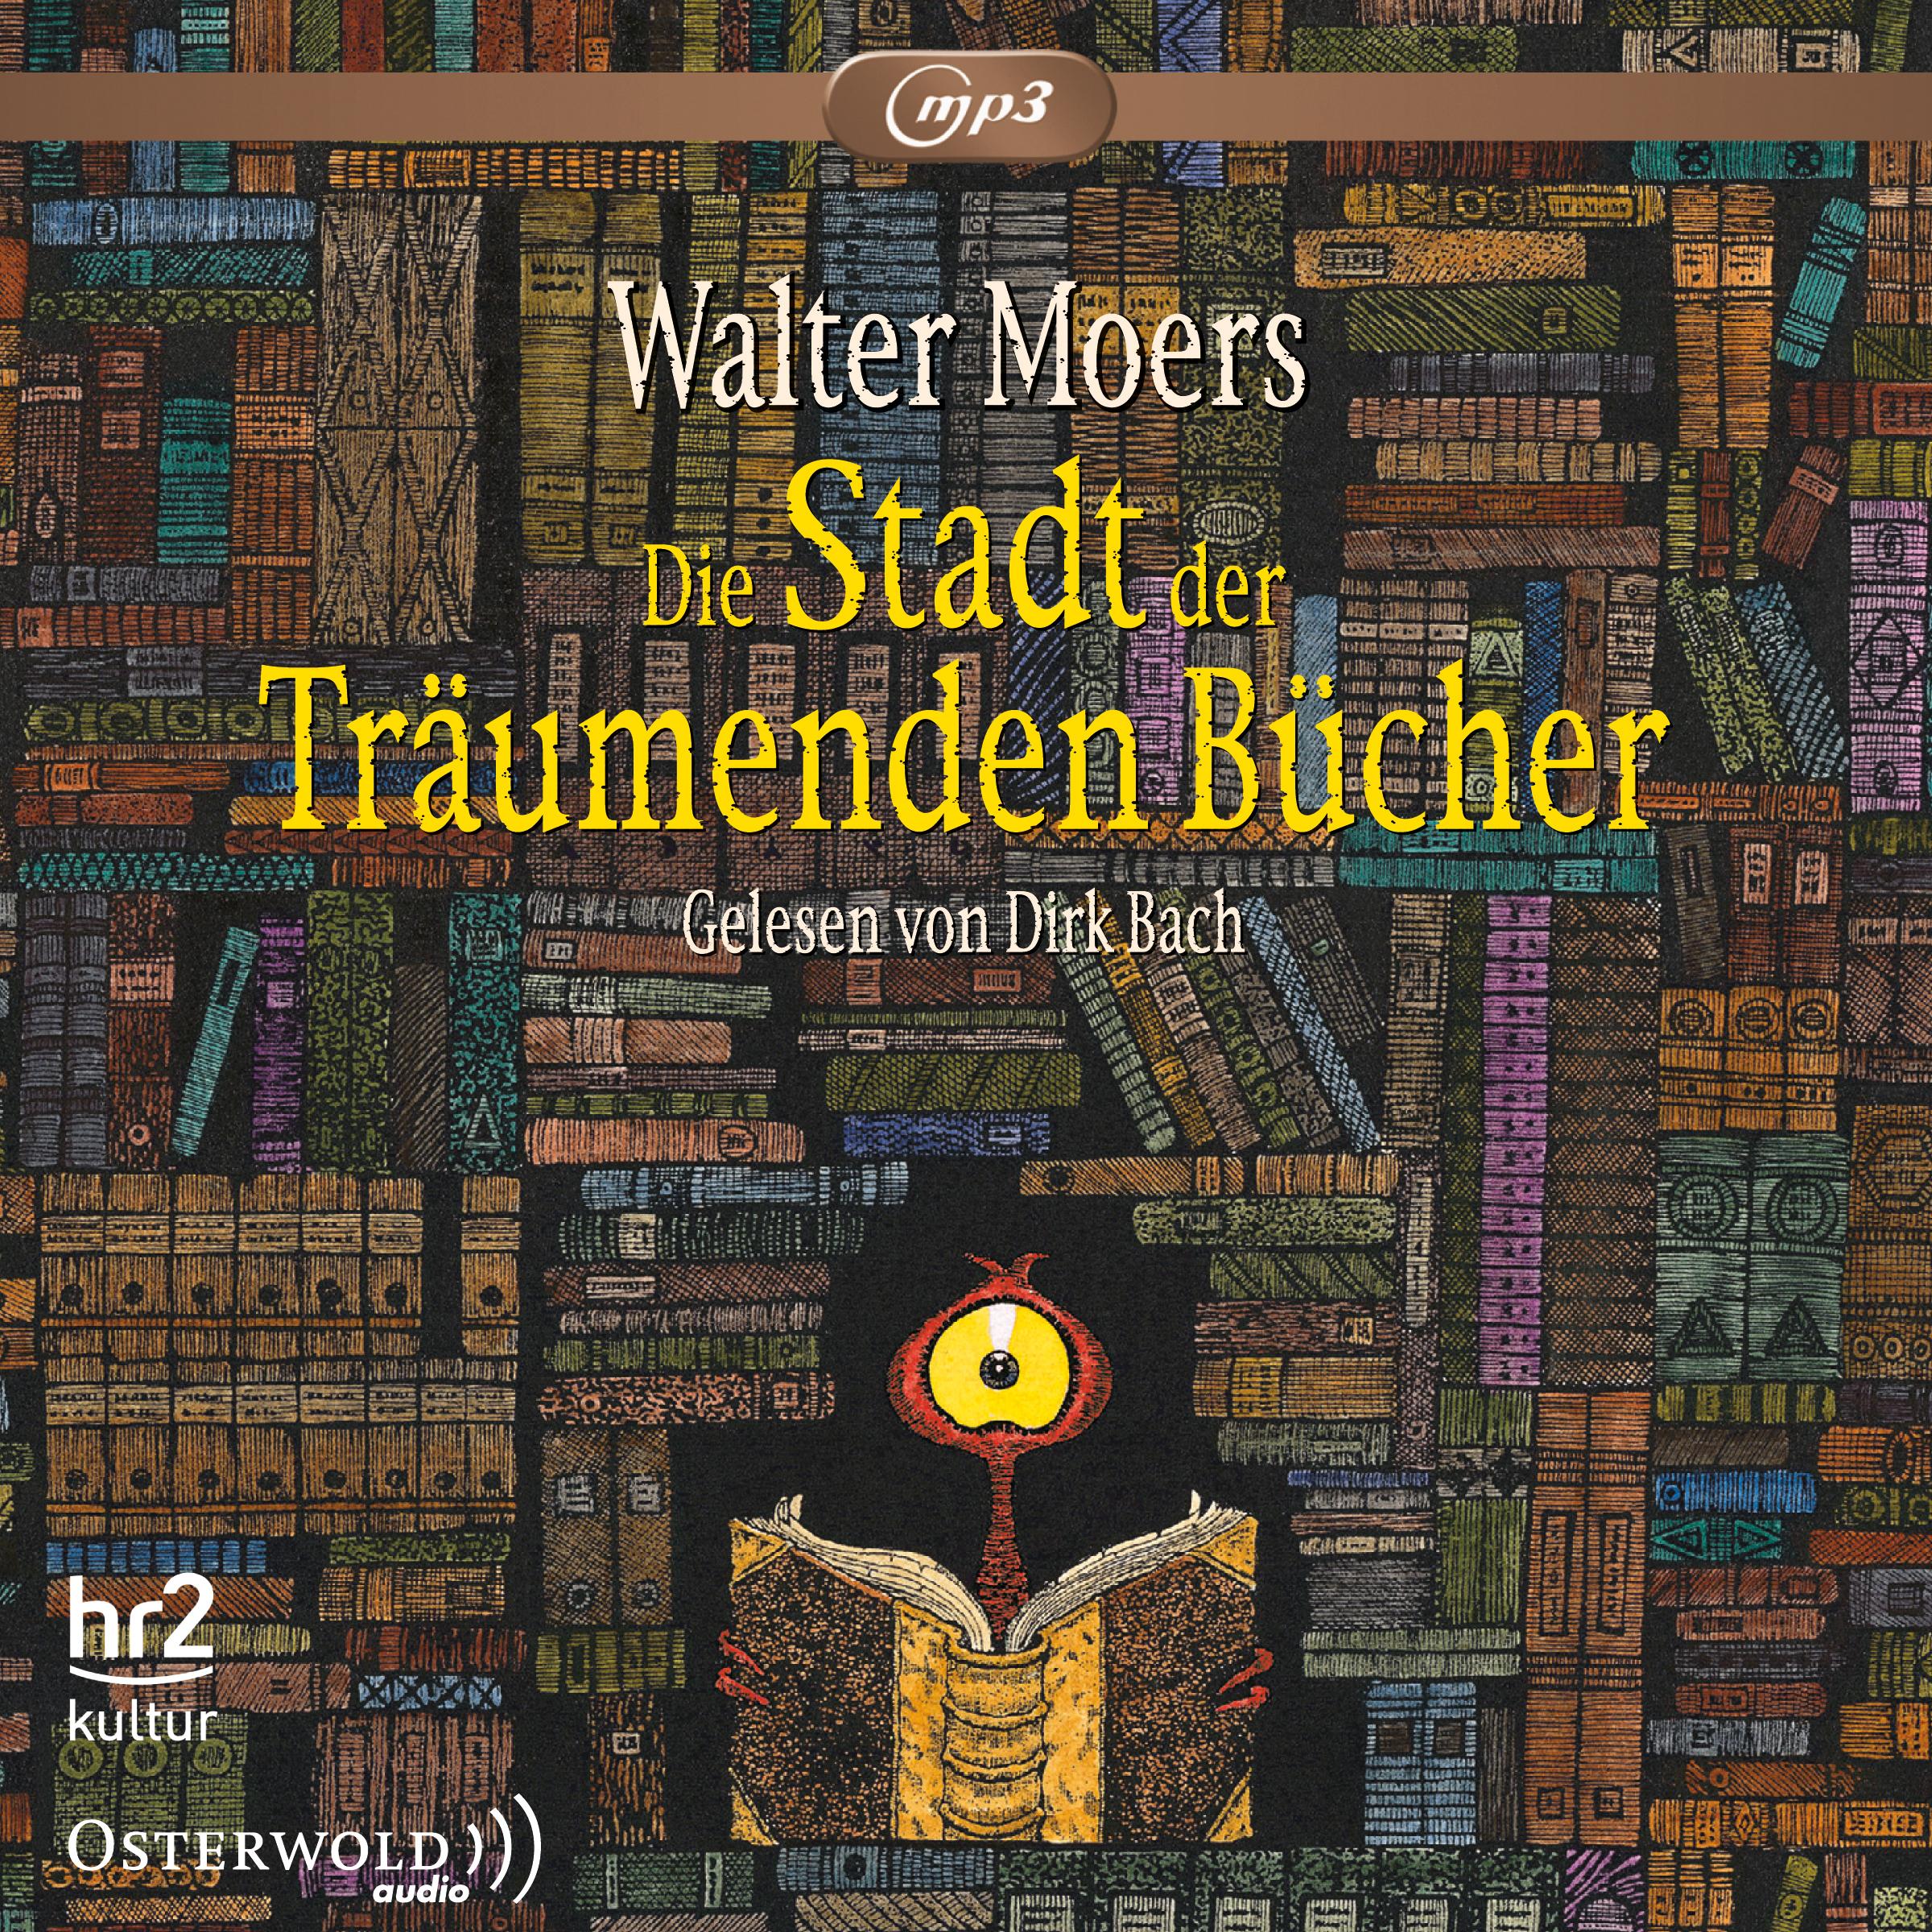 Hörbuch: Moers - Die Stadt der Träumenden Bücher